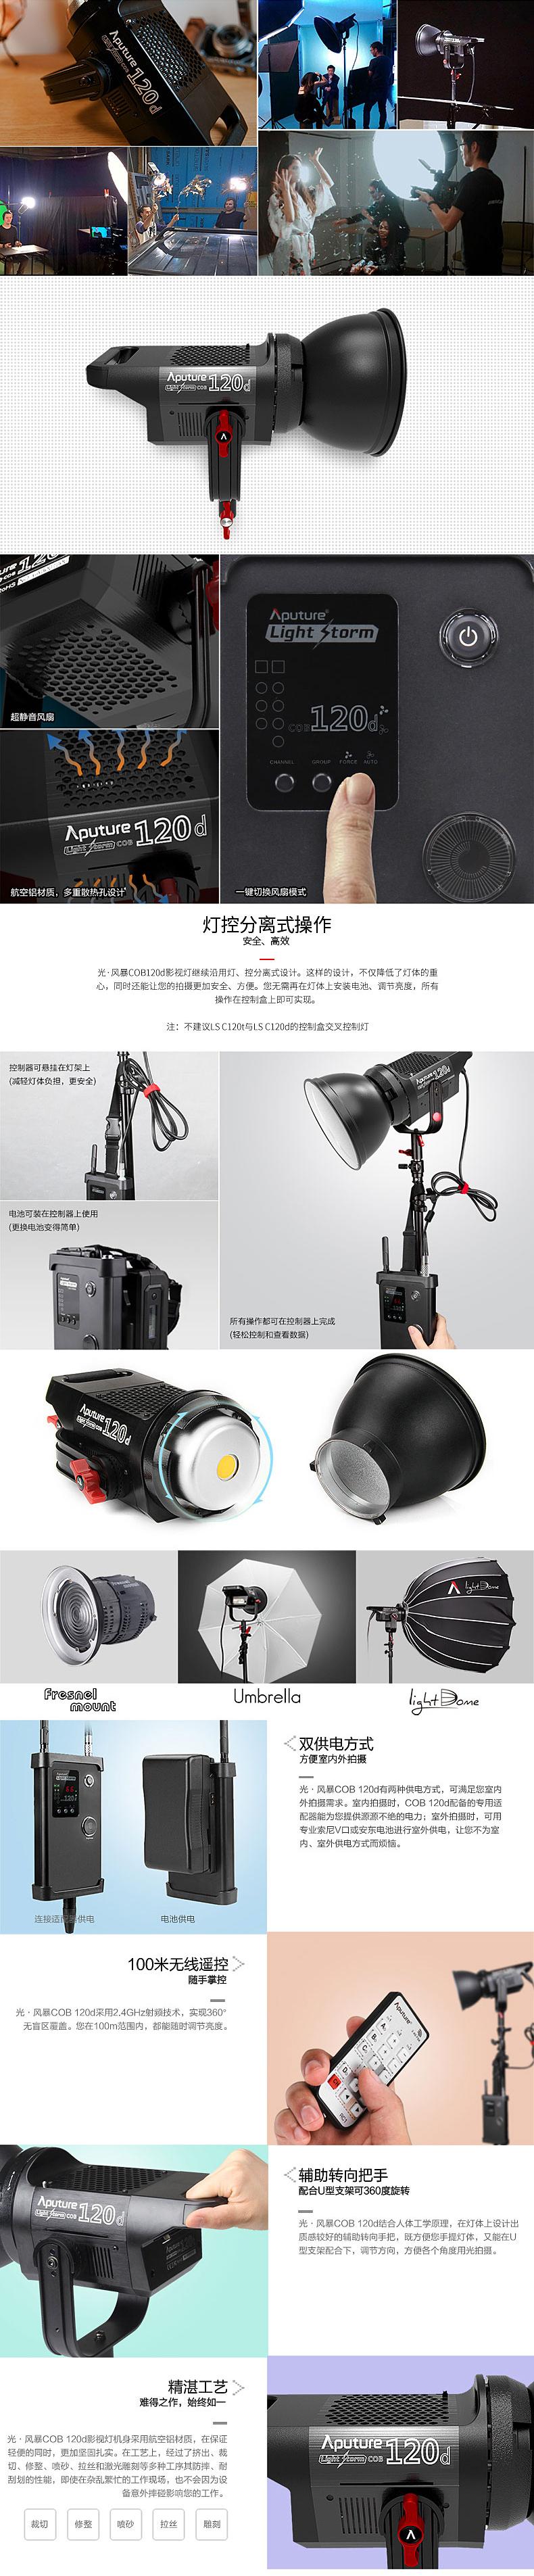 aputure-120d-daylight-light-description-yingkee.jpg